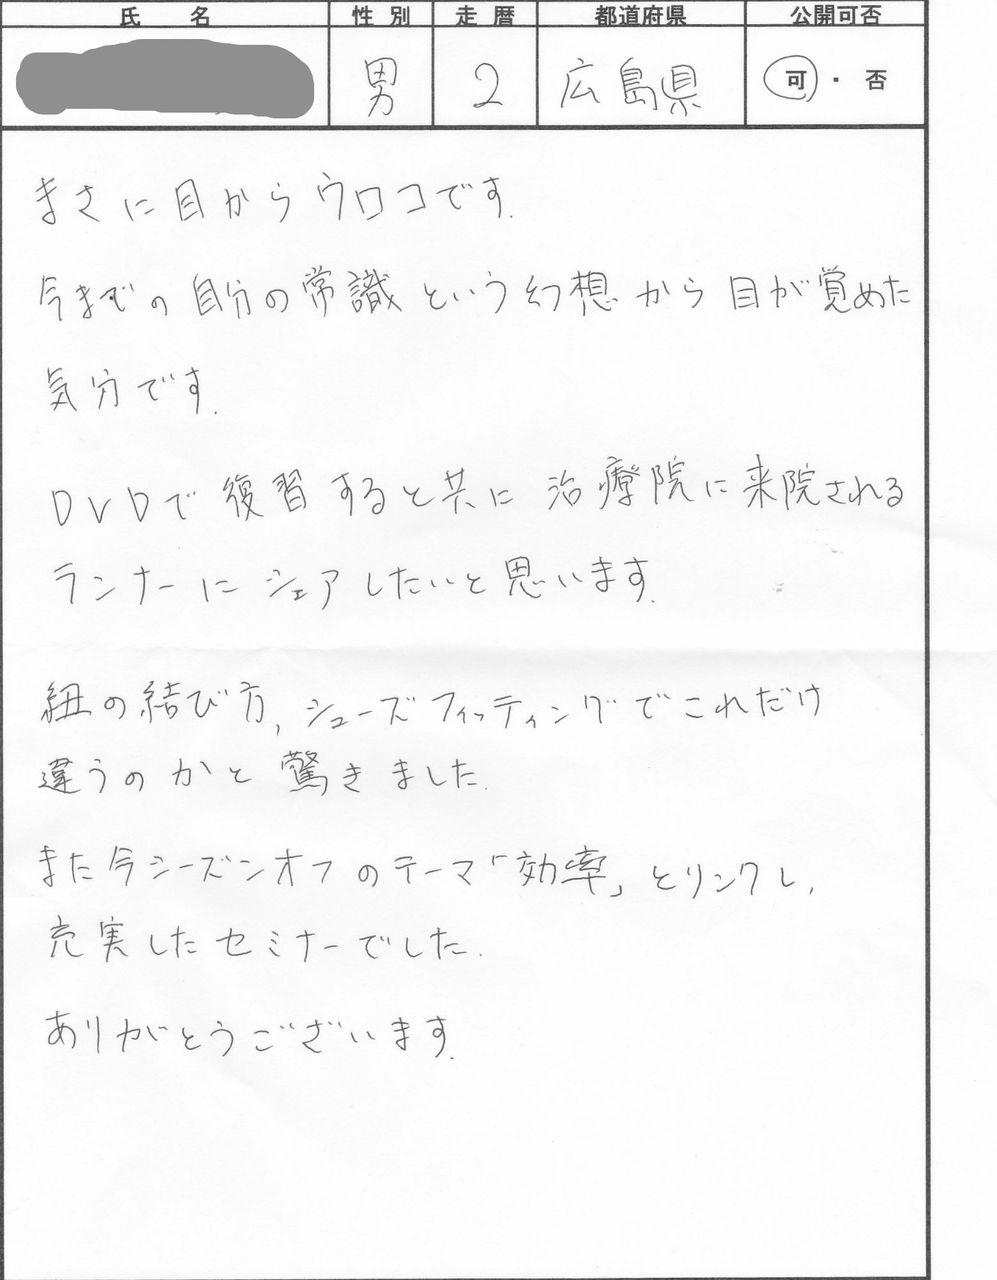 セミナー感想広島・東京_0004_copy